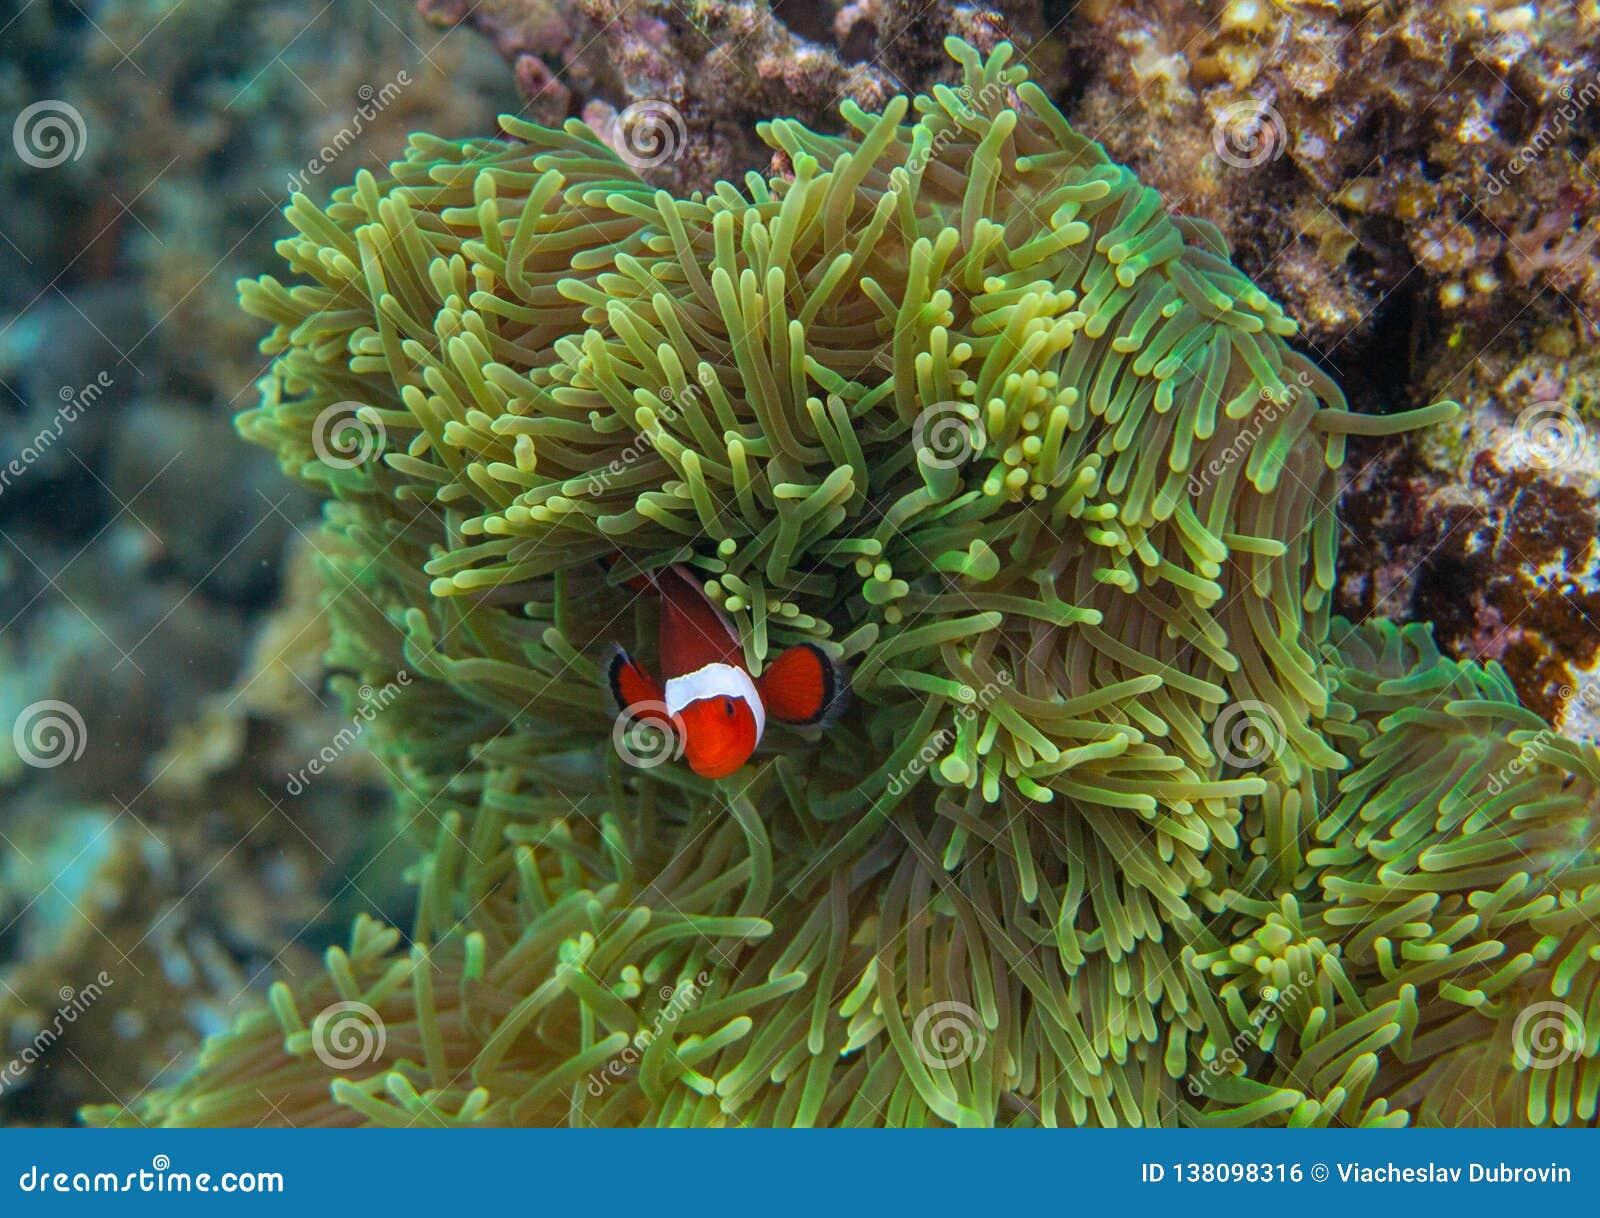 Clownfish alaranjados no actinia Foto subaquática do recife de corais Peixes do palhaço na anêmona Litoral tropical que mergulha